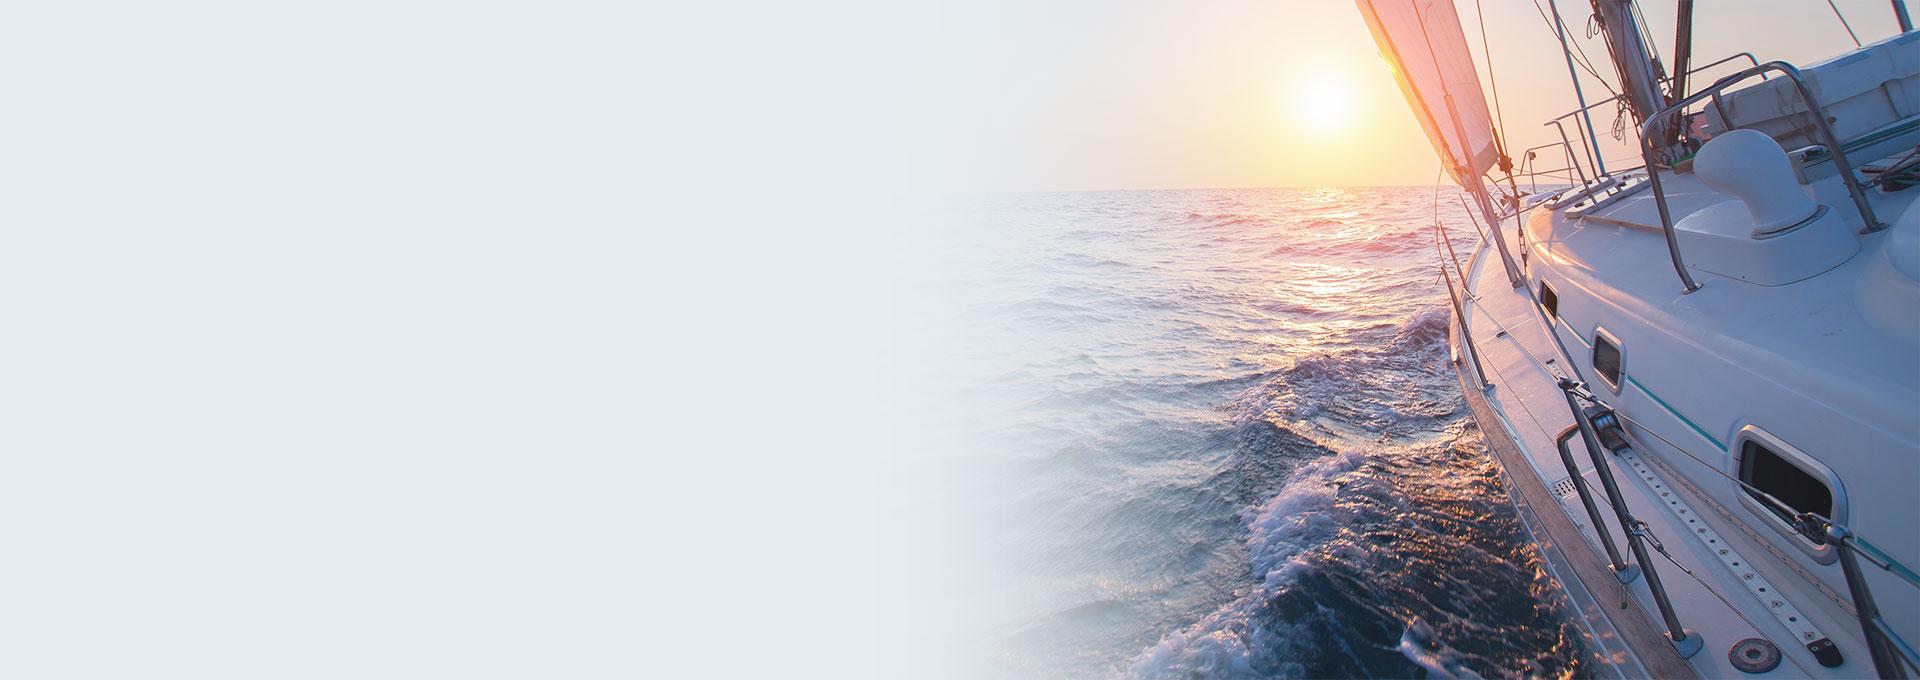 ασφάλεια σκάφους καλύψεις